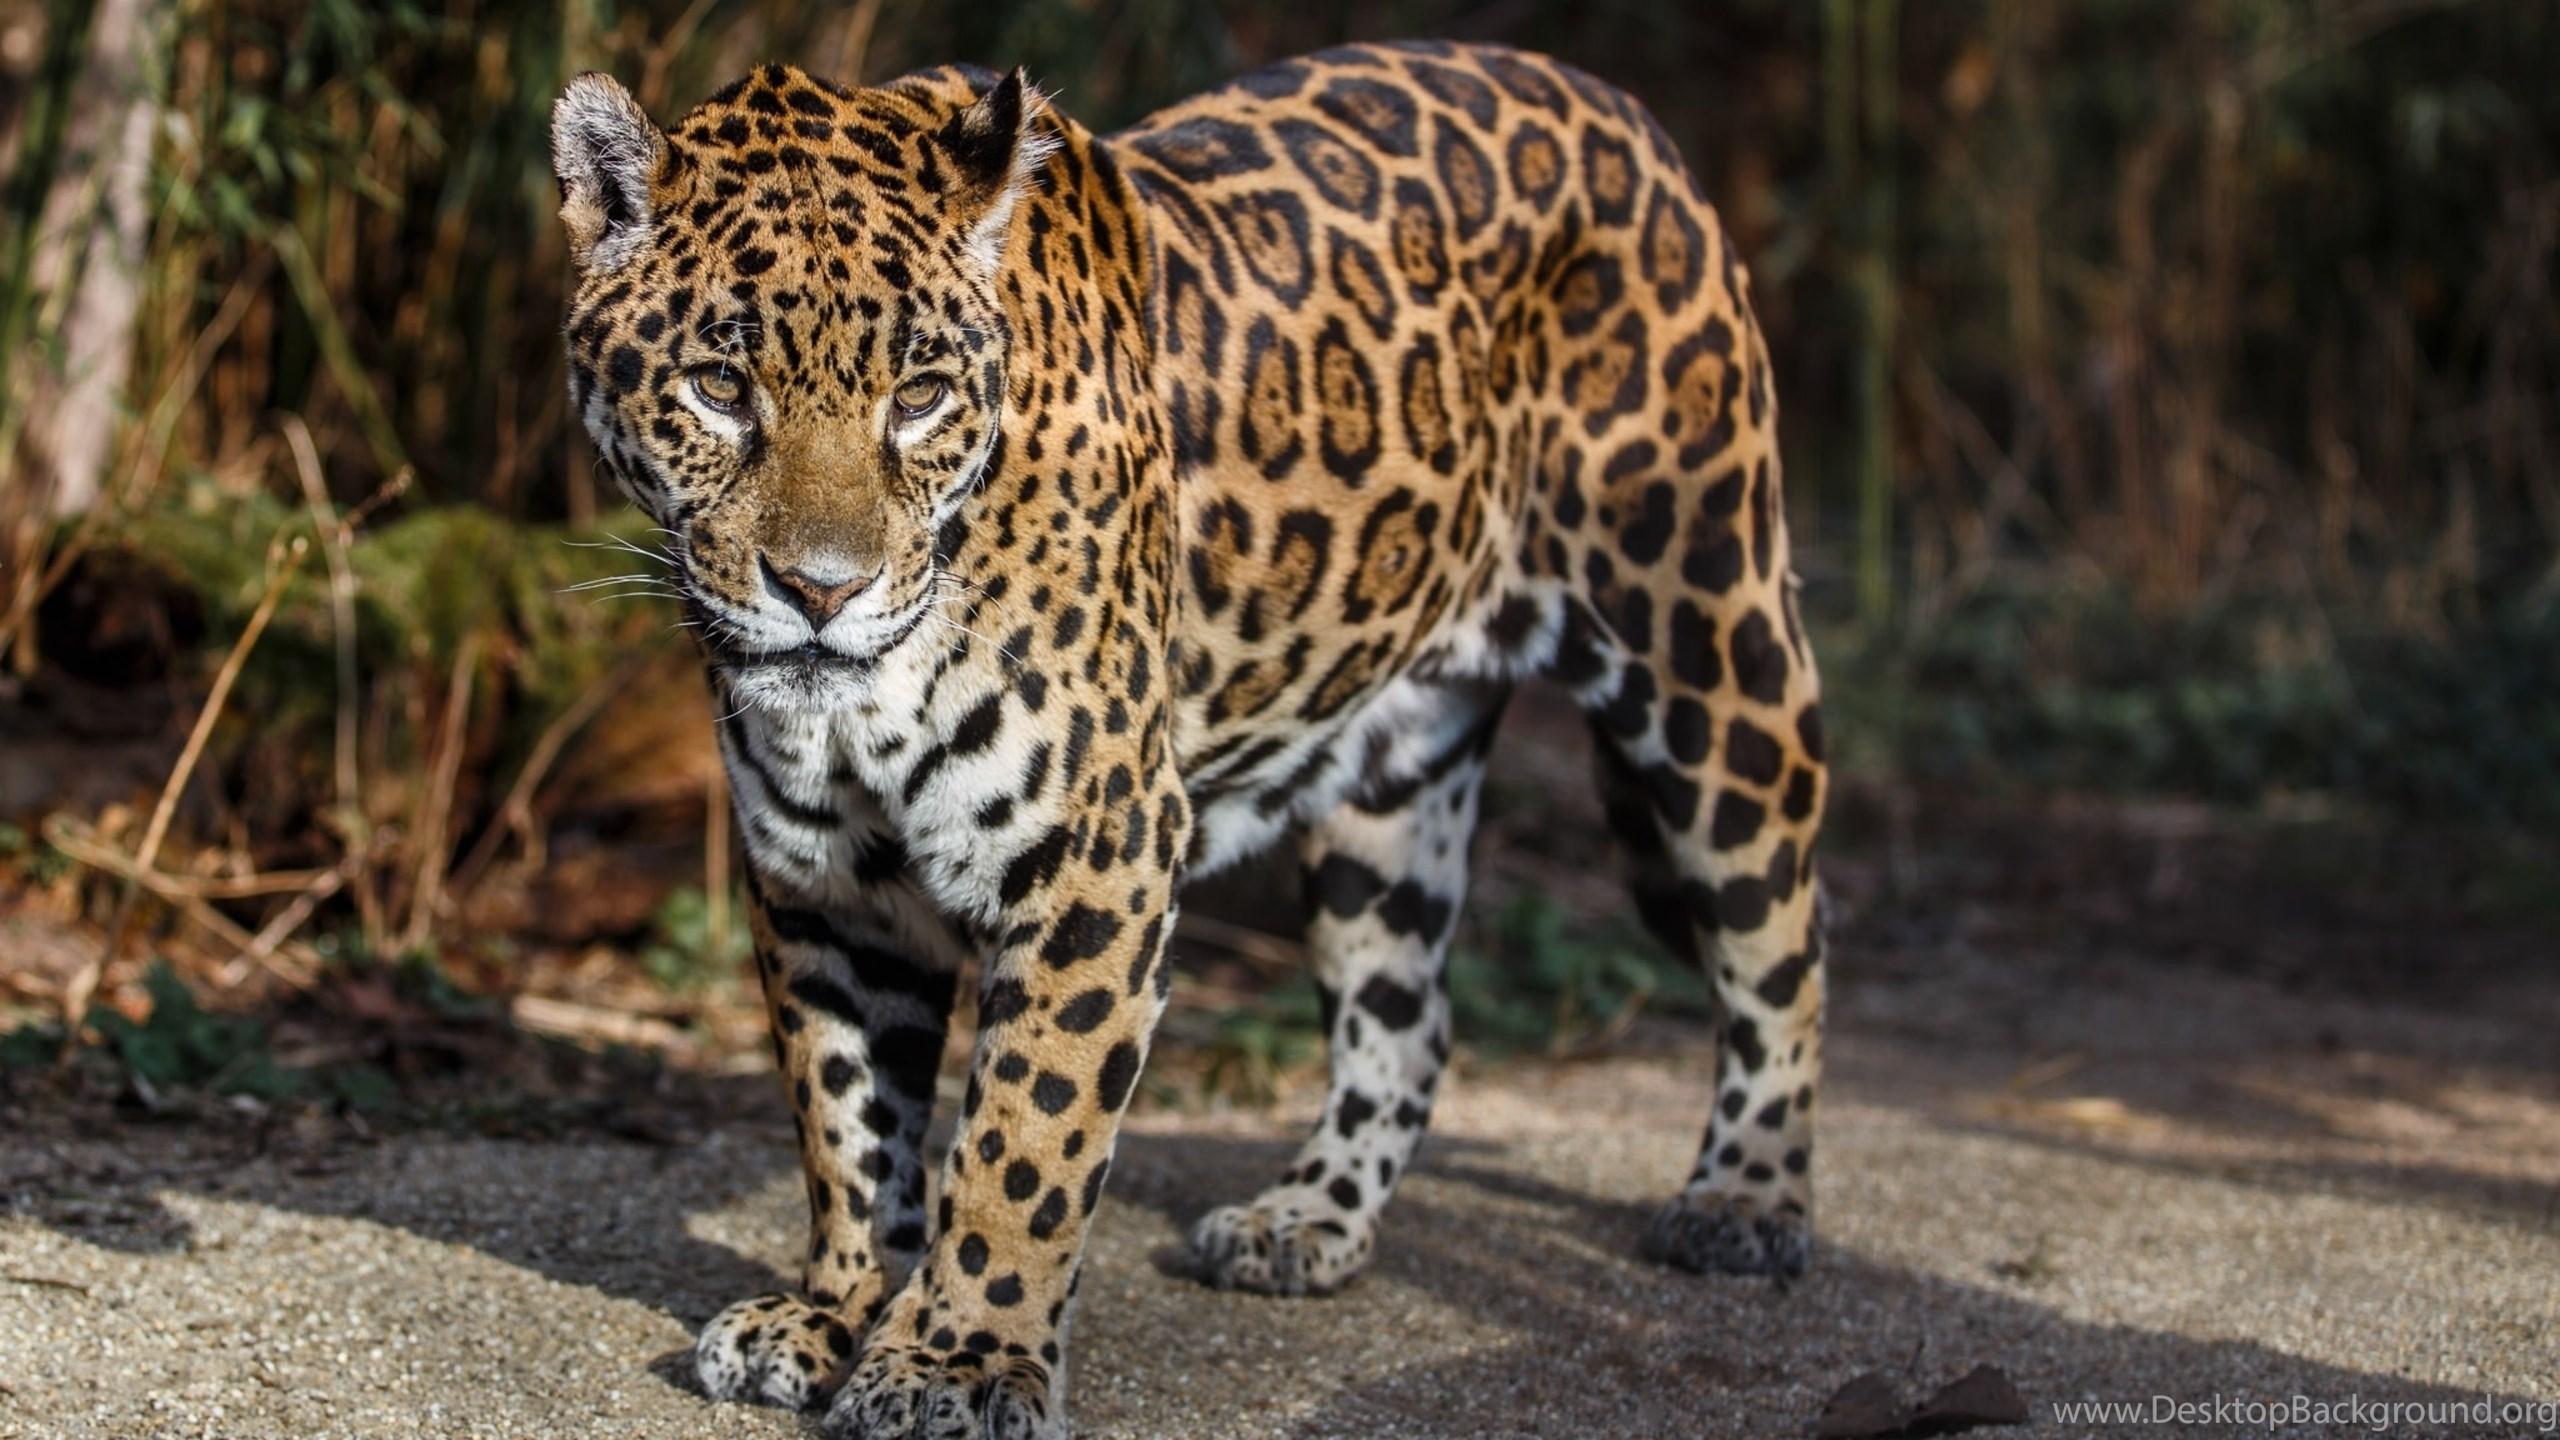 download wallpapers 3840x2400 jaguar, wild cat, predator, spots